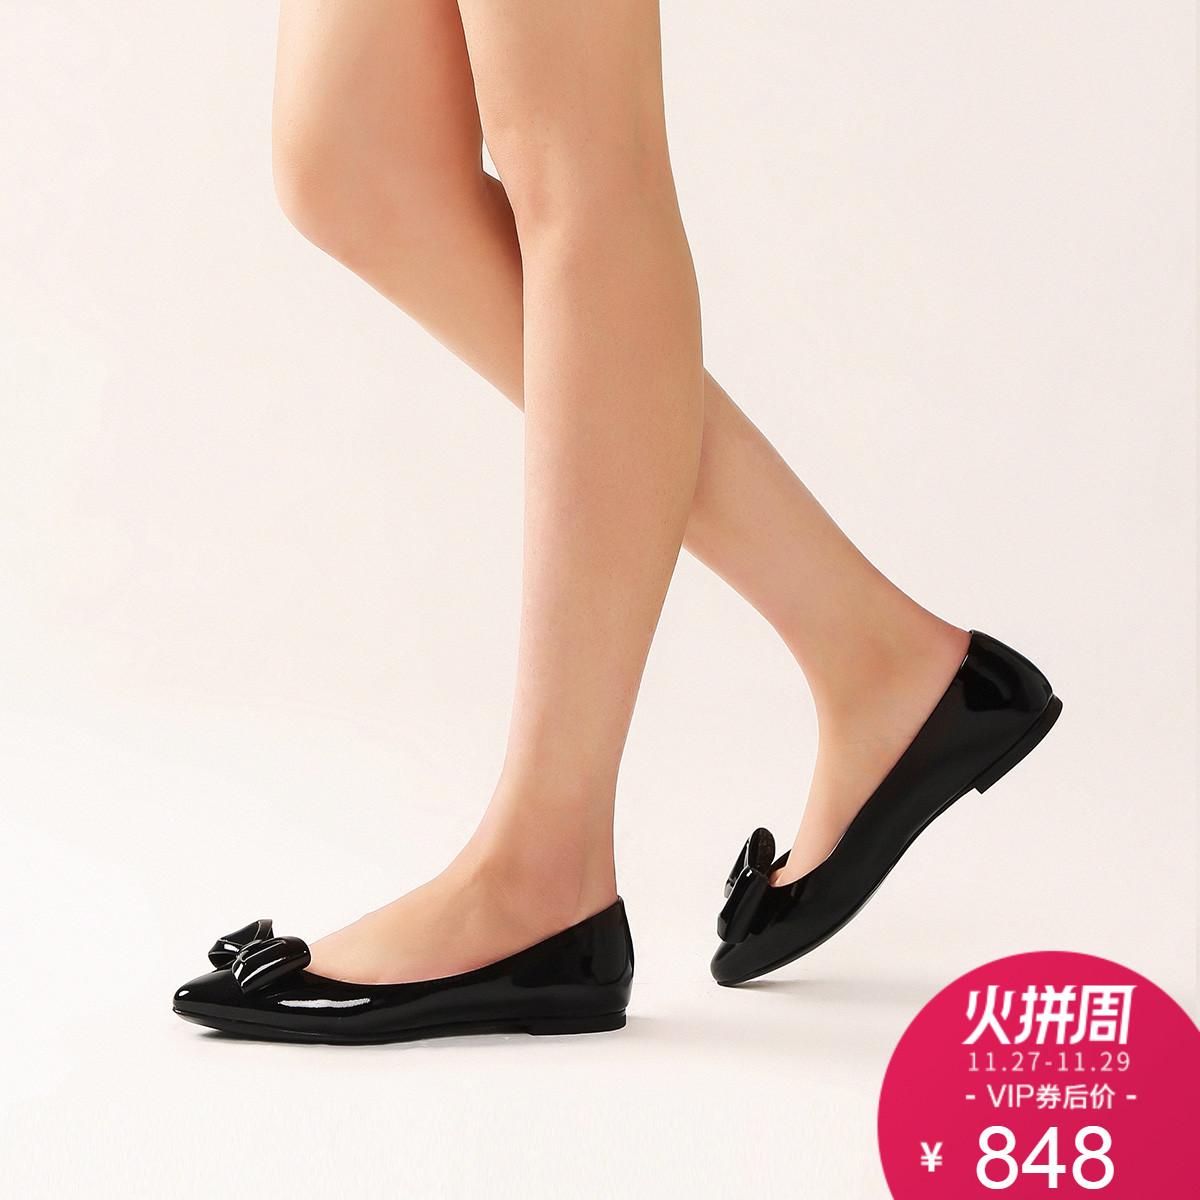 STELLA LUNA亮面蝴蝶结女鞋尖头芭蕾舞鞋平跟浅口单鞋SF334L40319